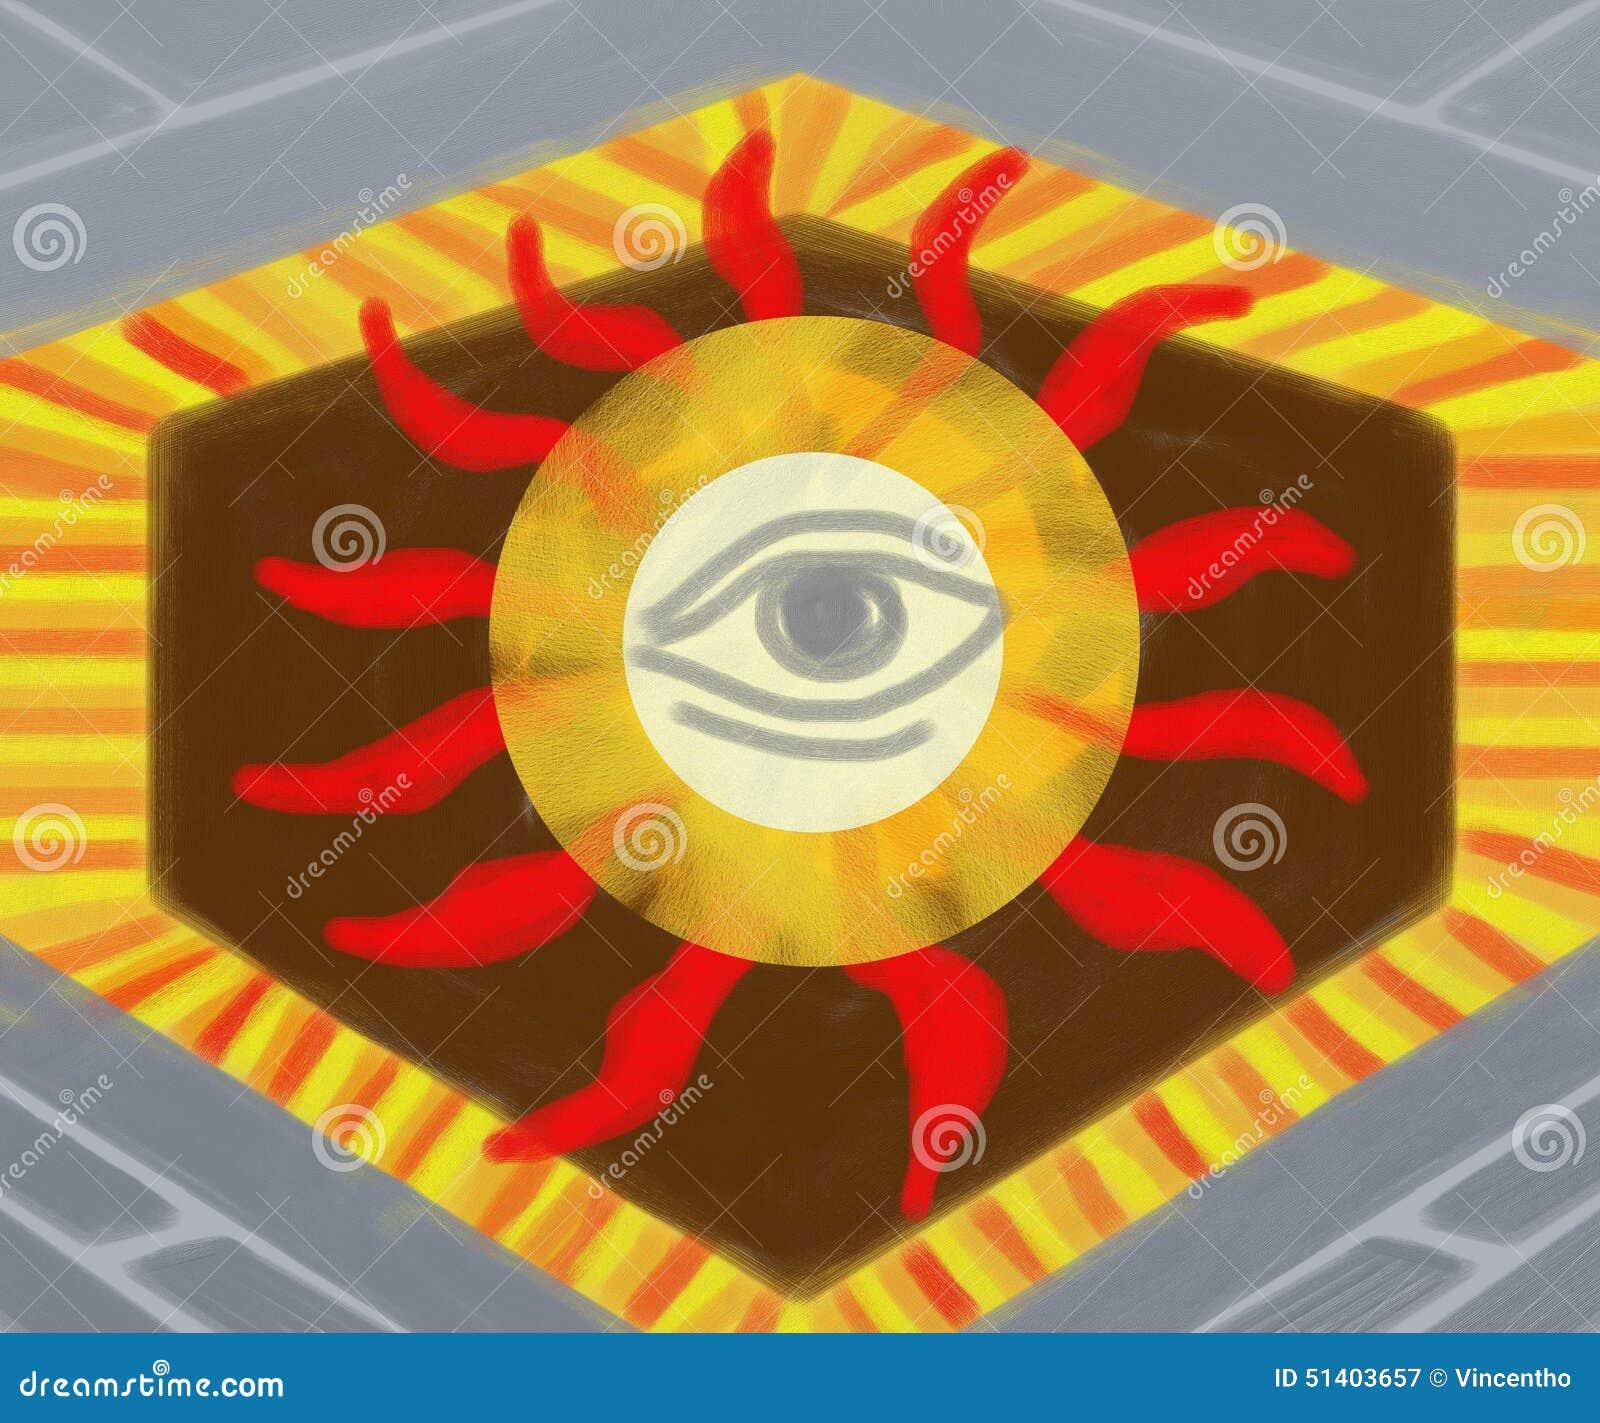 Illuminati stock illustration illustration of decor 51403657 illuminati biocorpaavc Choice Image